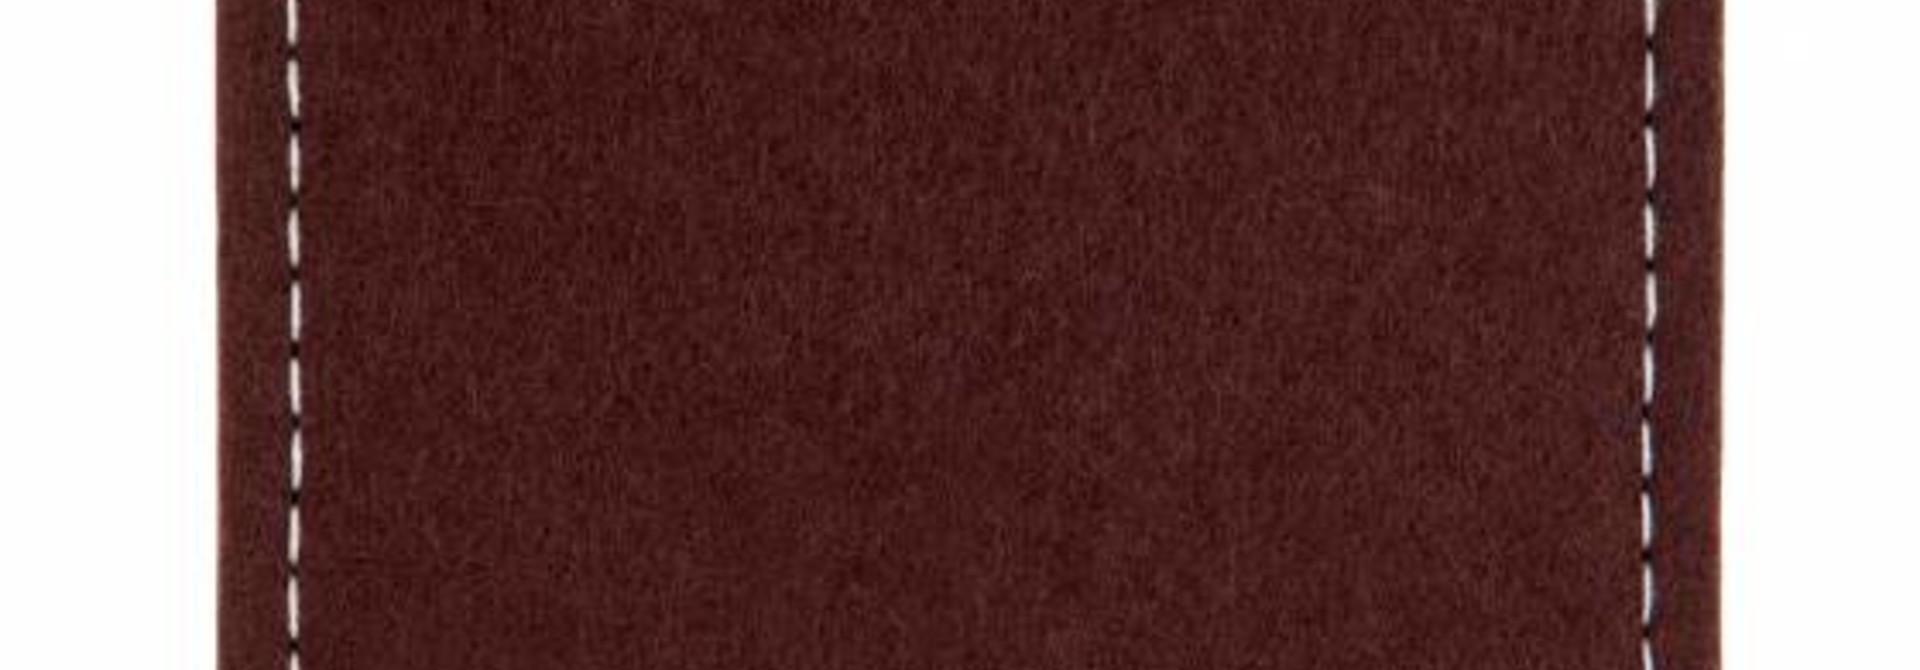 Pixel Sleeve Dark-Brown